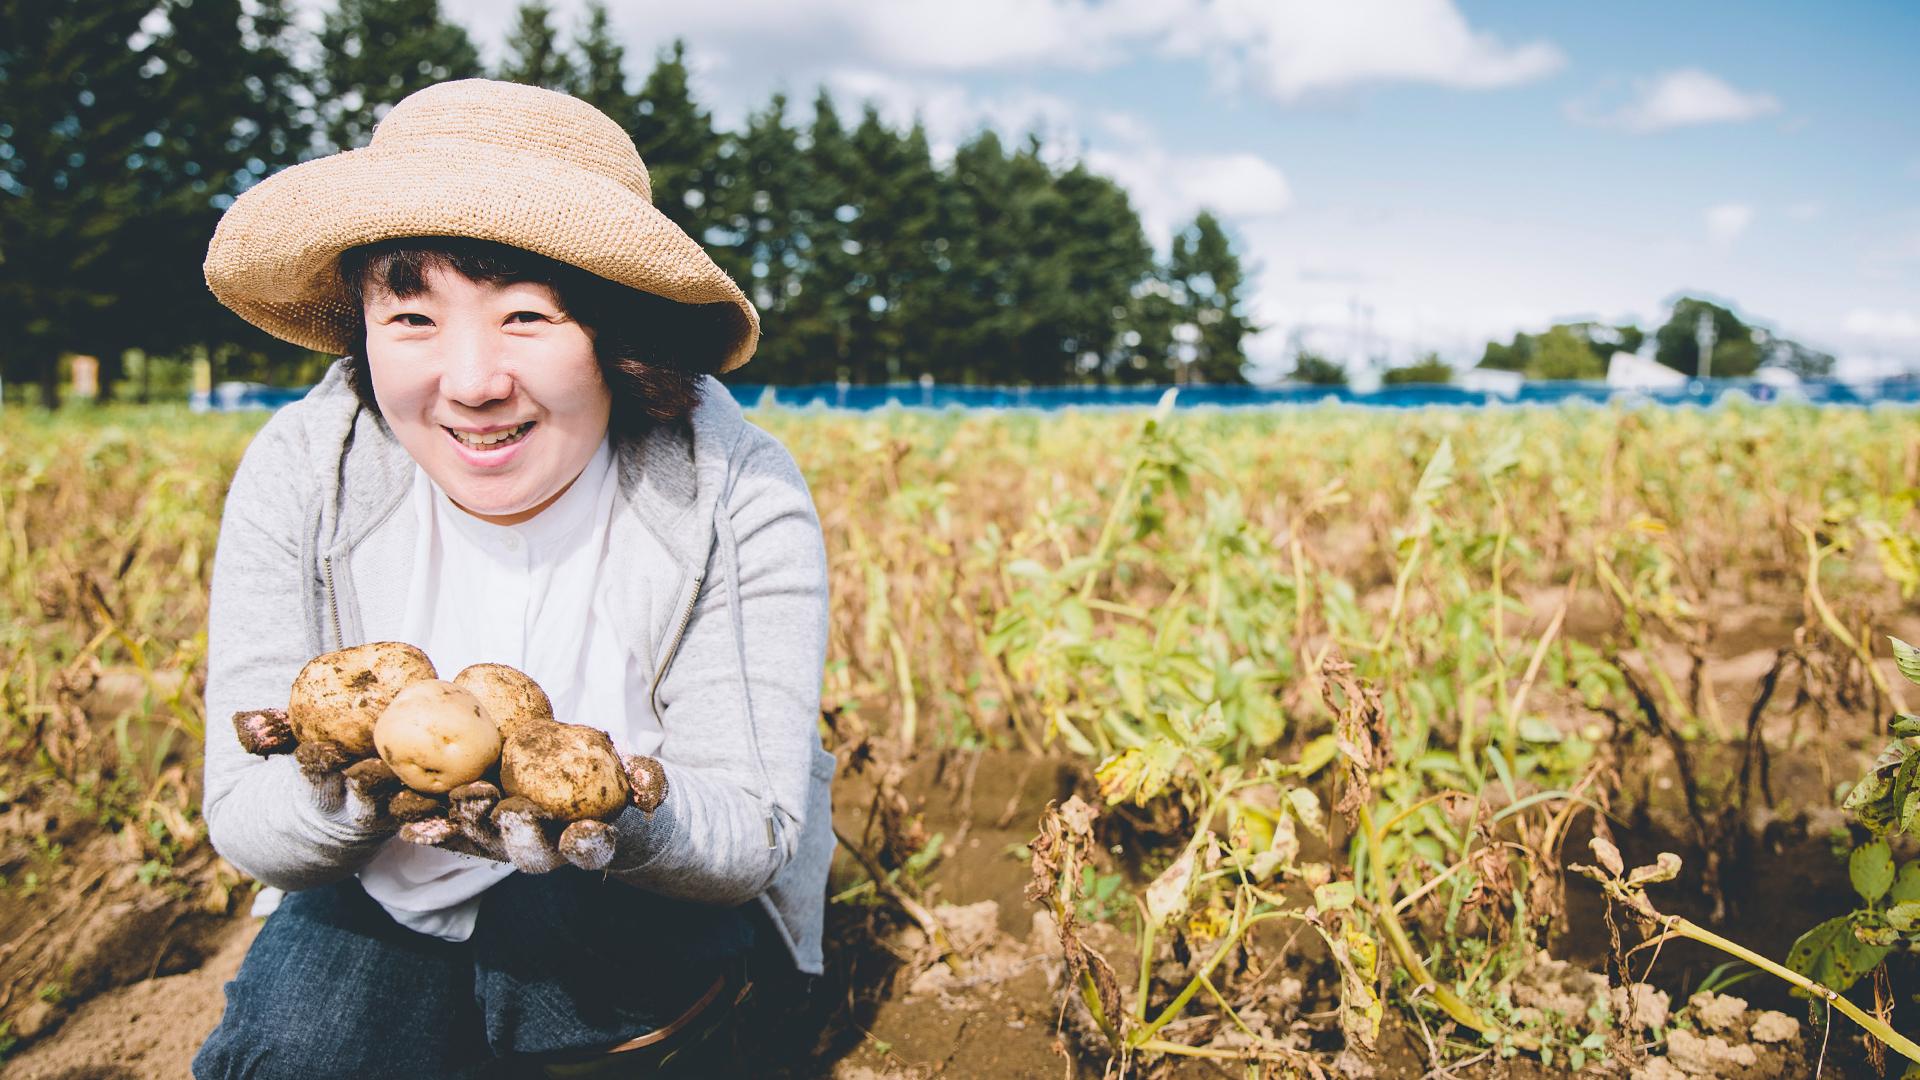 「じゃがいもとえだまめを収穫して畑で食べよう」を体験しました